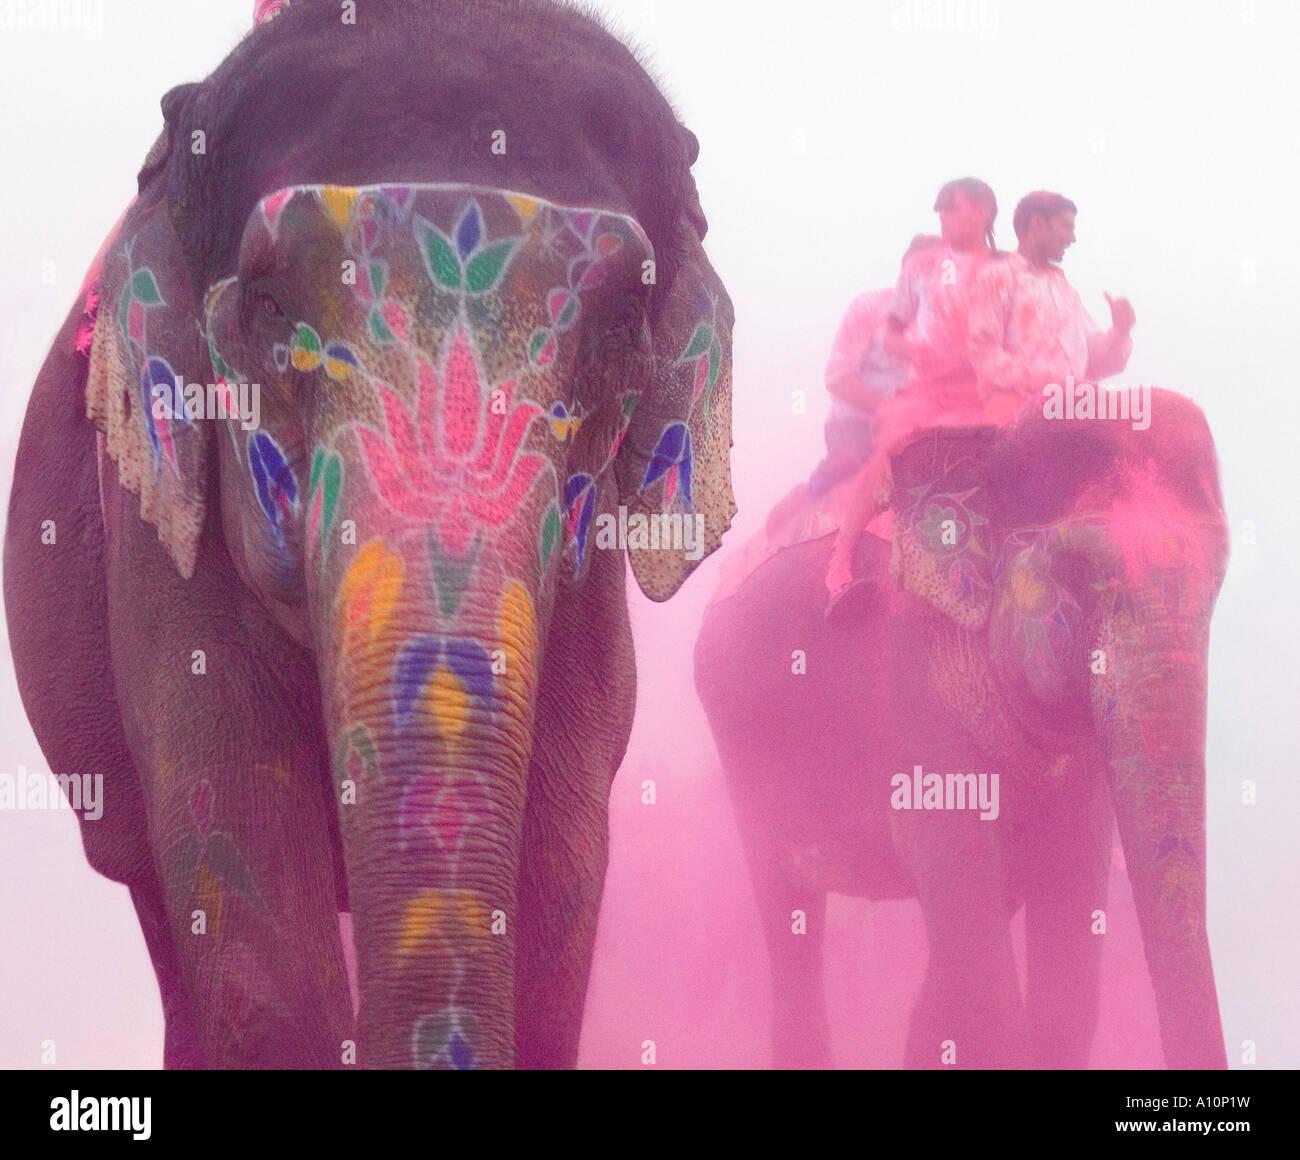 Drei Elefanten bei einem Elefanten Festival, Jaipur, Rajasthan, Indien Stockfoto